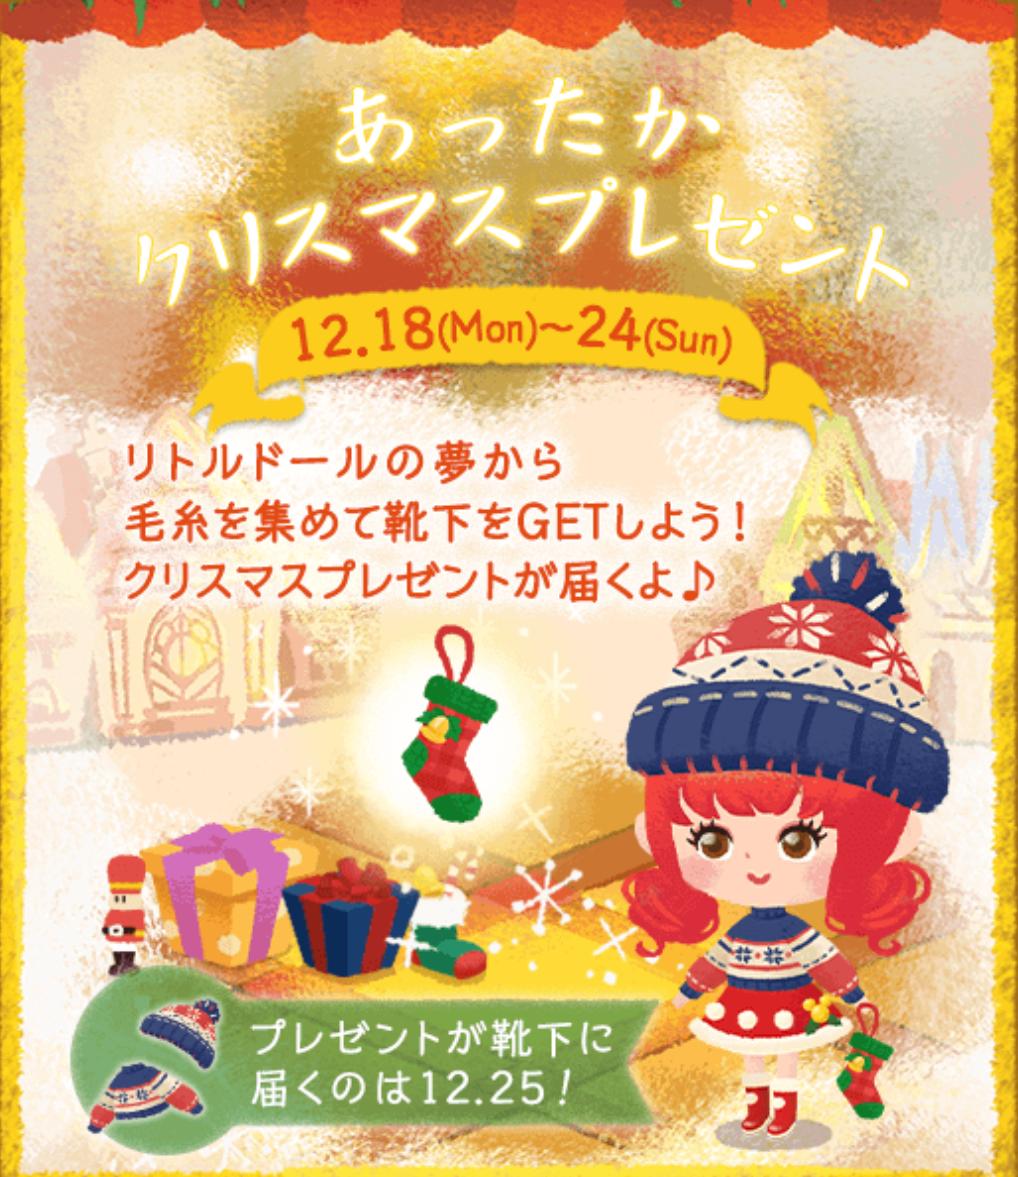 ☆あったかクリスマスプレゼント!リトド最新イベントの遊び方を確認☆